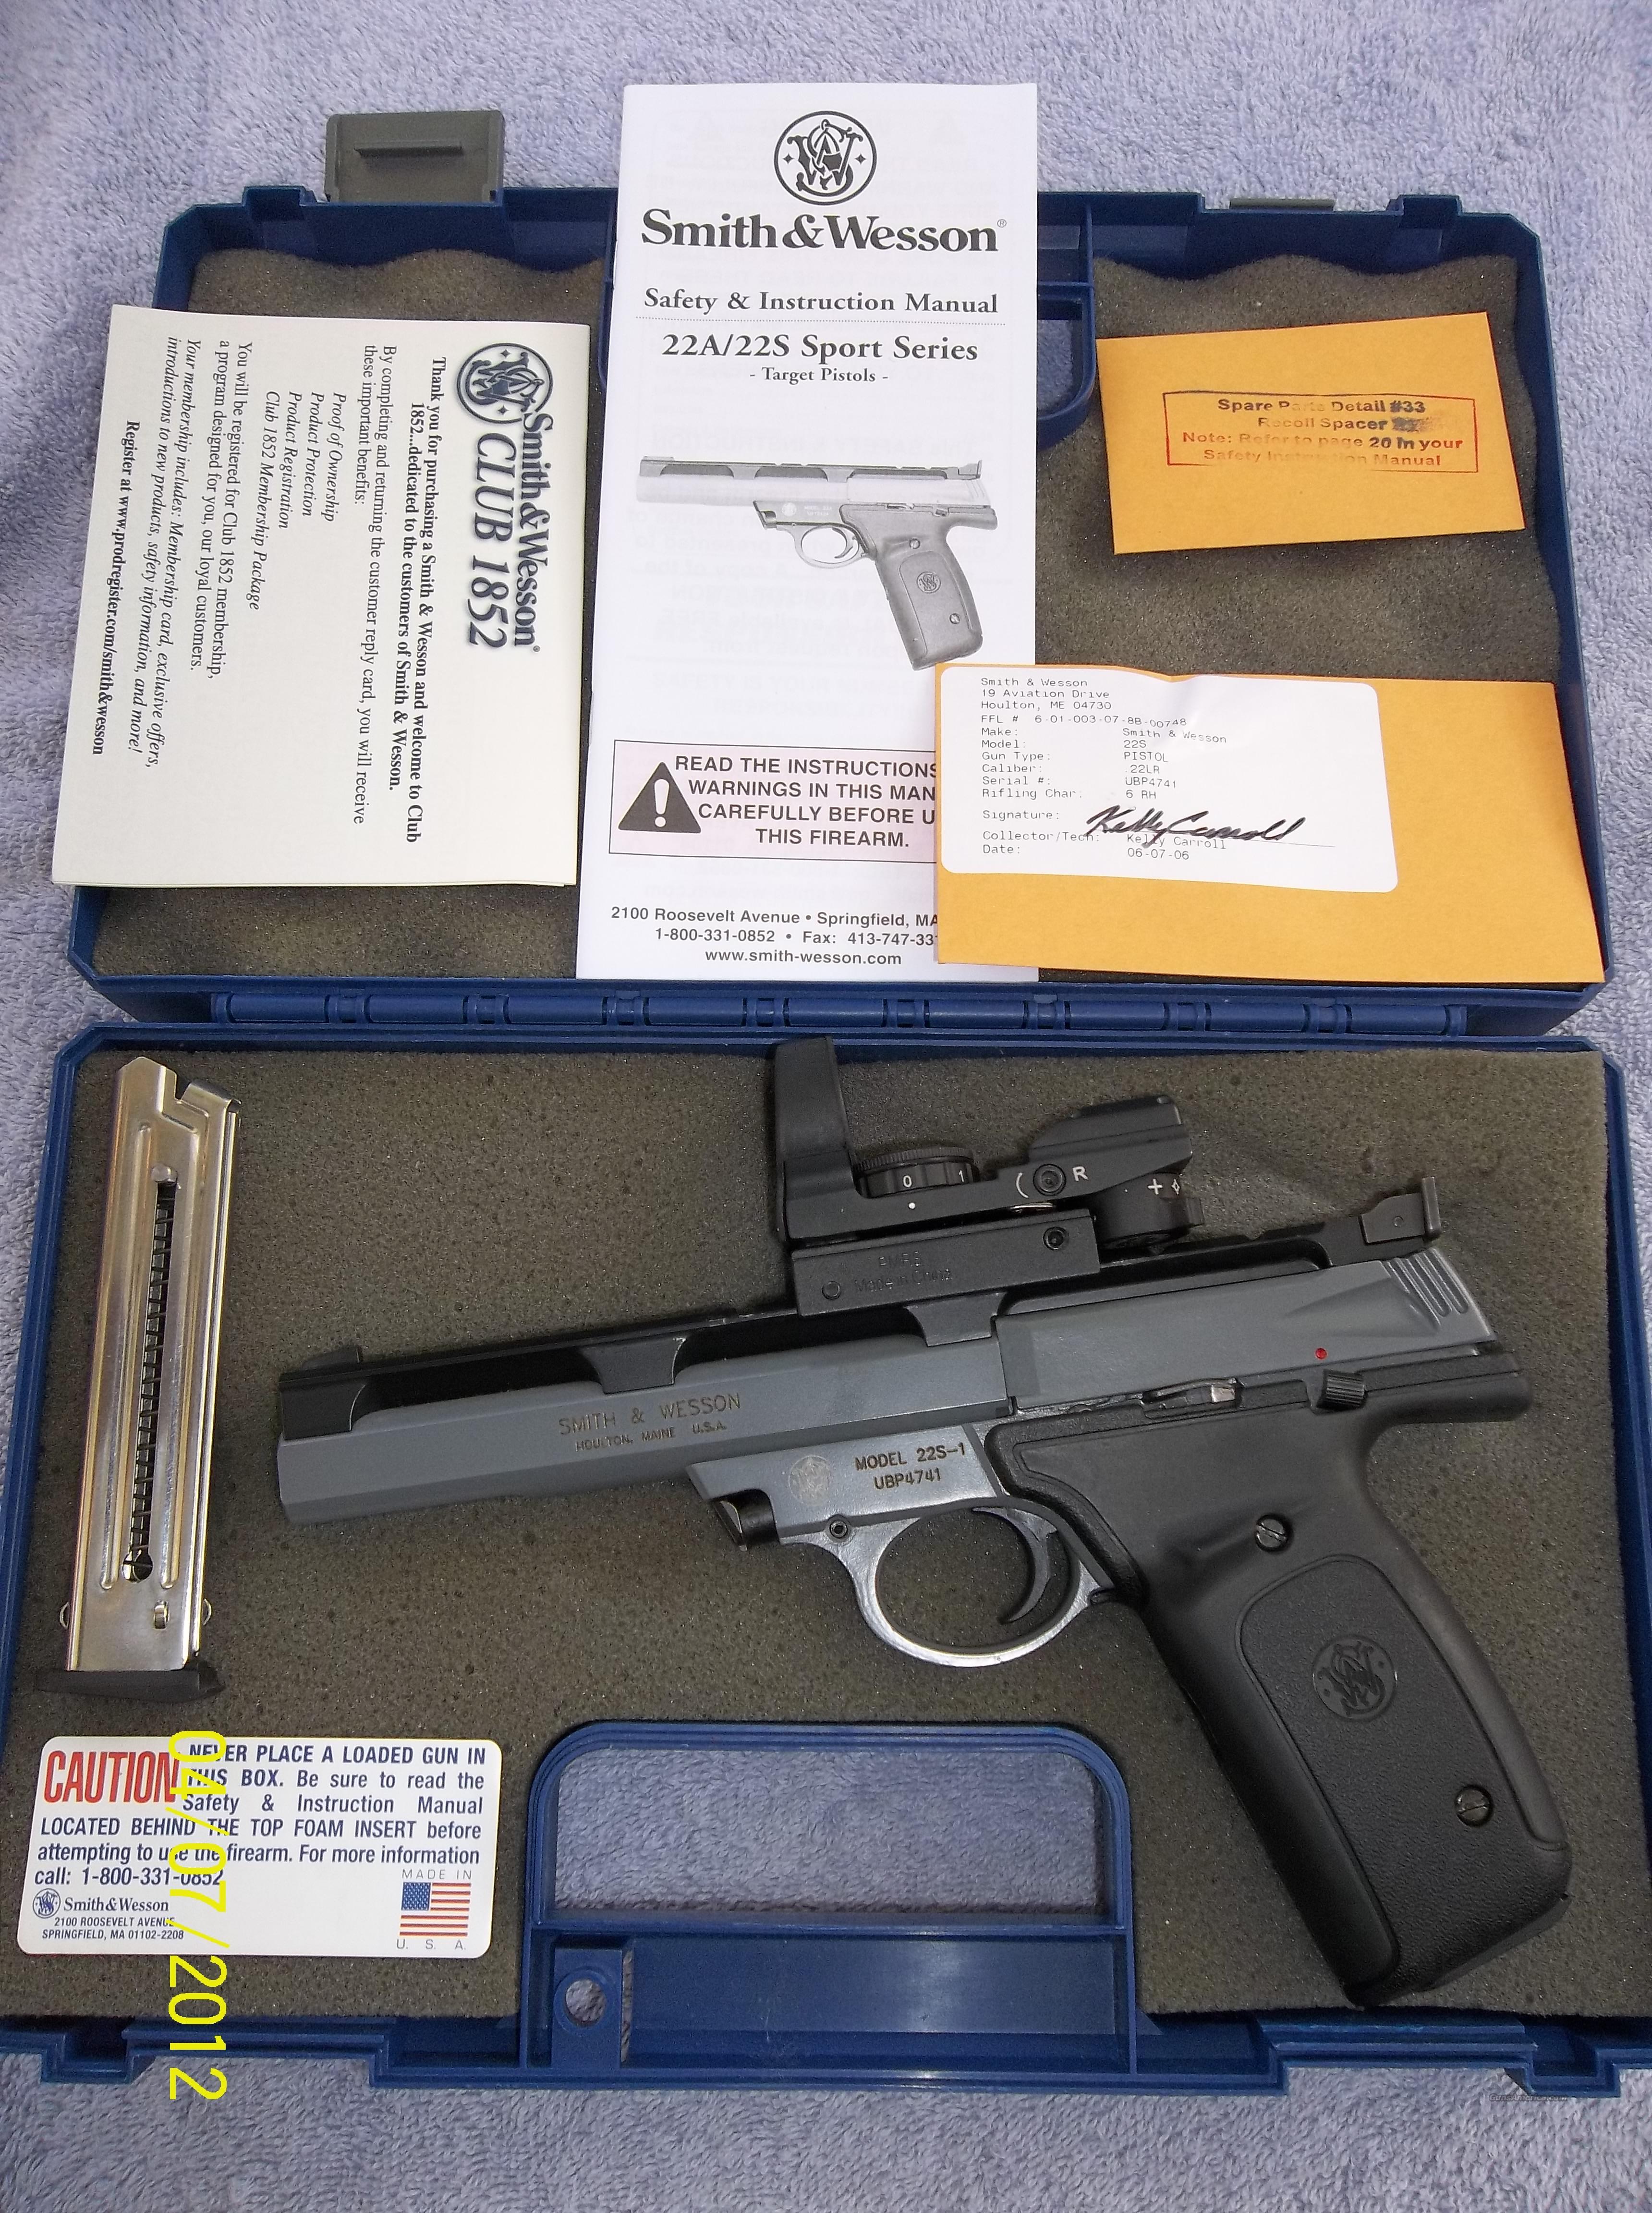 smith wesson 22s for sale rh gunsamerica com Smith and Wesson 22A Magazine Smith and Wesson Guns